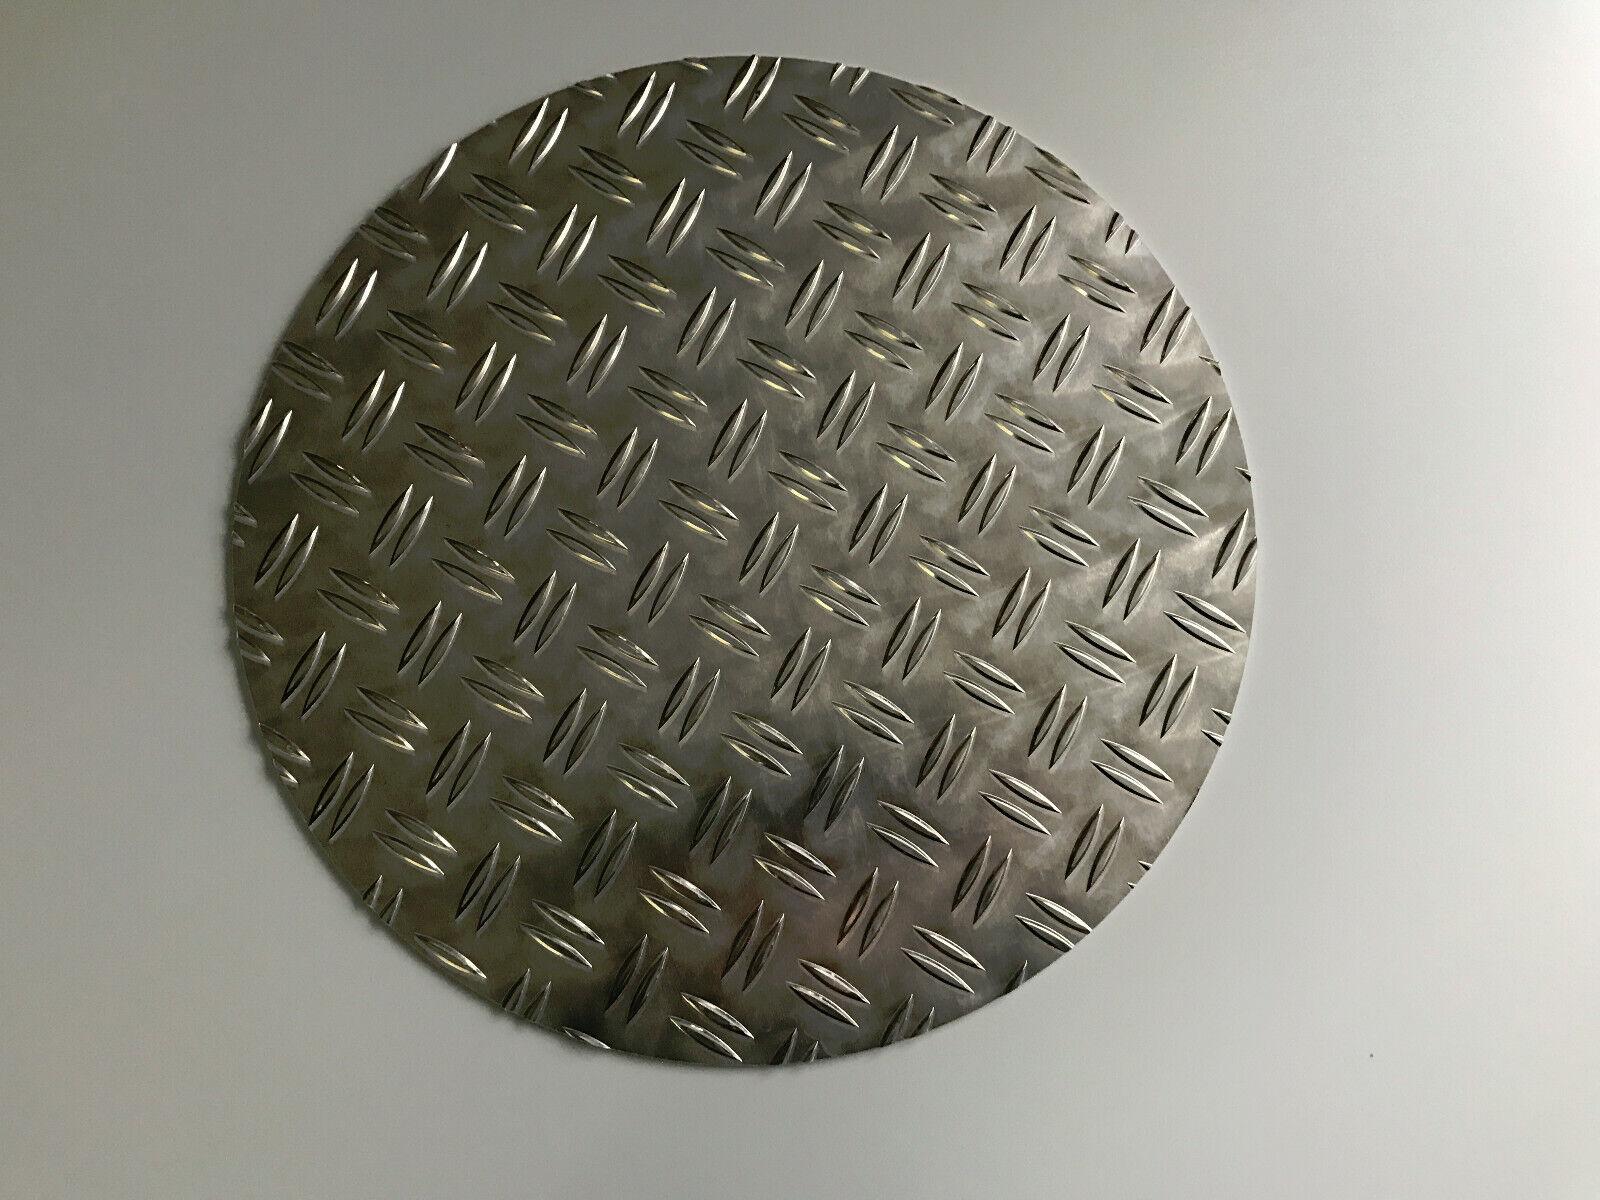 1-2mm Stahlblech Stahl Blech Stahlplatte Feinblech Zuschnitt kostenlos